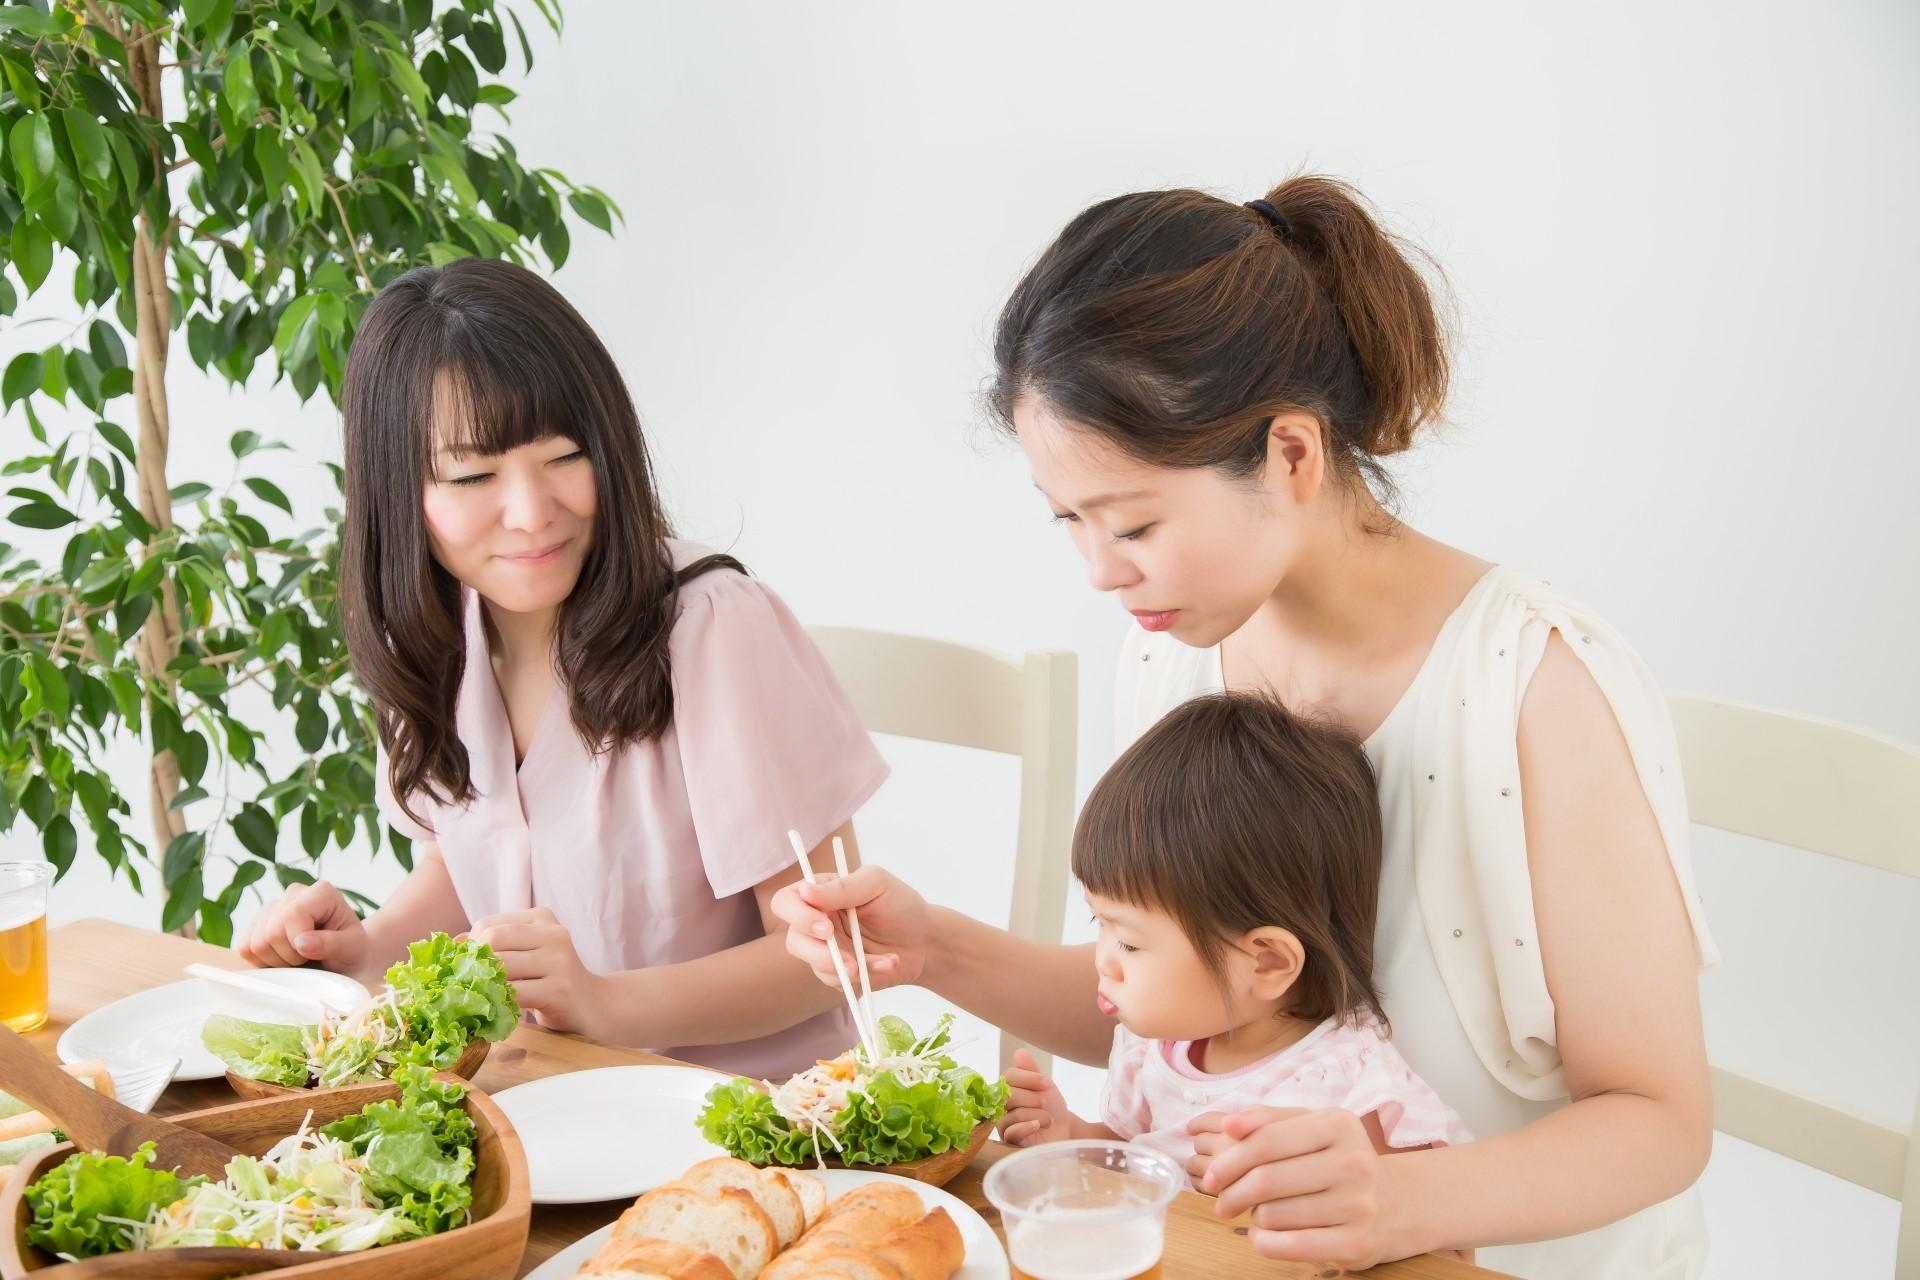 【参加無料】ダノン健康栄養財団による食育講座「成長期の子どもに必要な睡眠と食事」